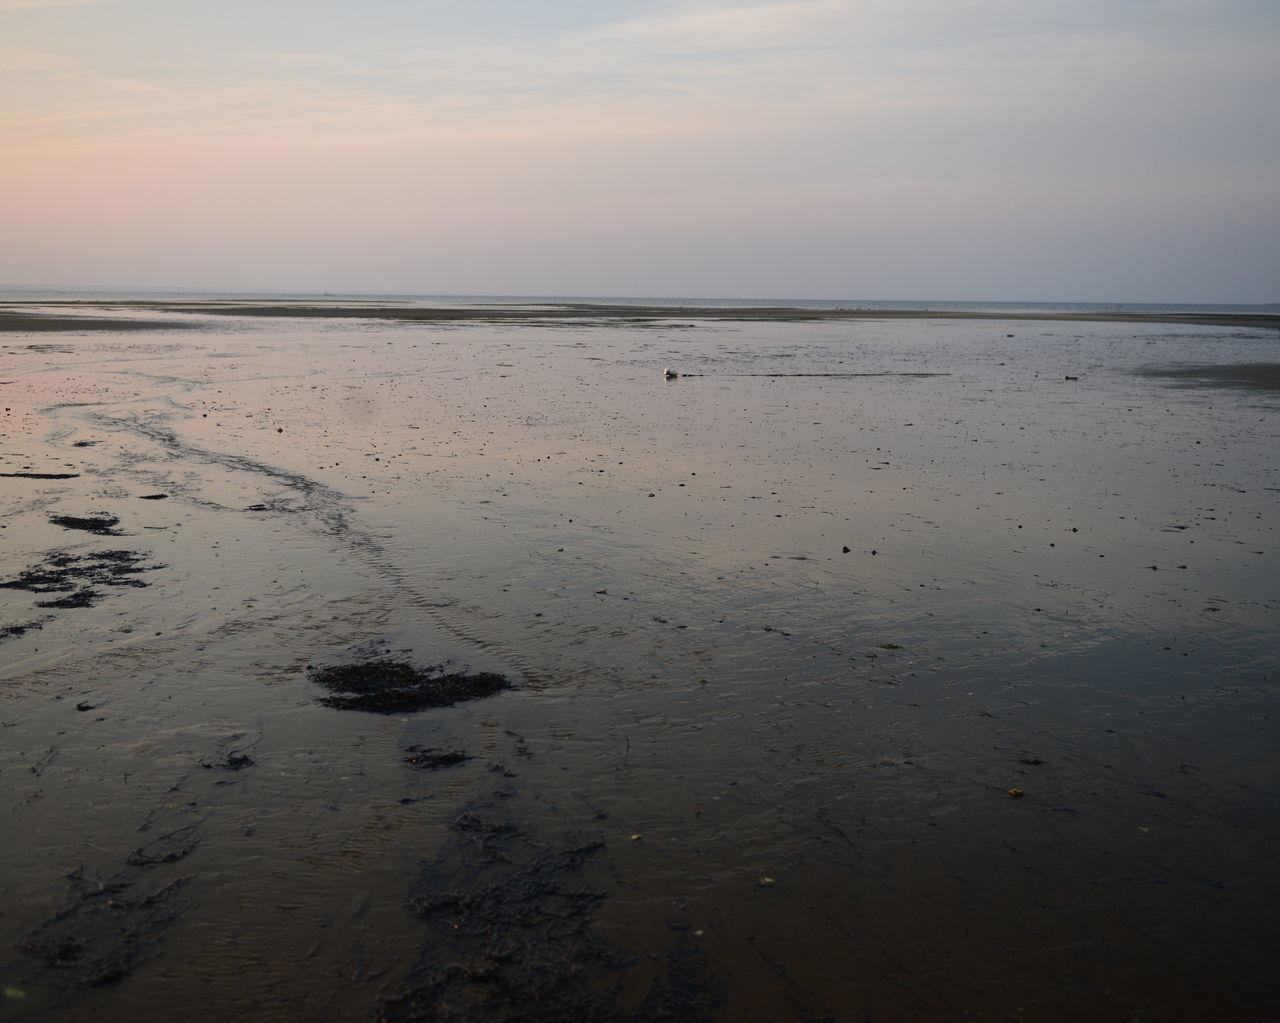 Wet Shore Against Sunrise Sky